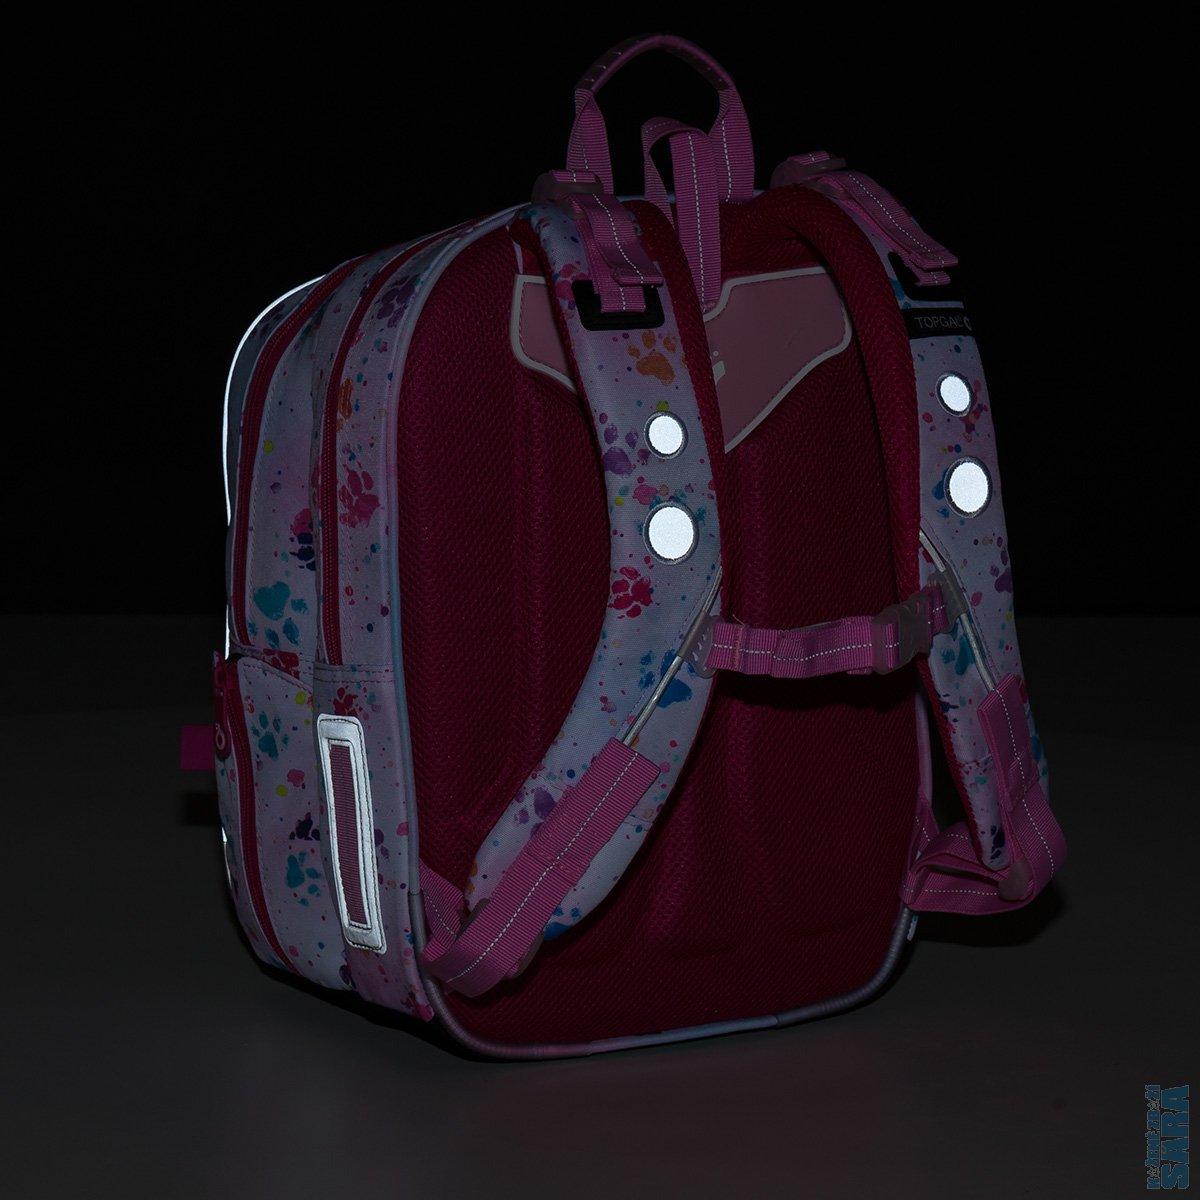 023542f0d95 Školní batoh ENDY 18017 + doprava zdarma